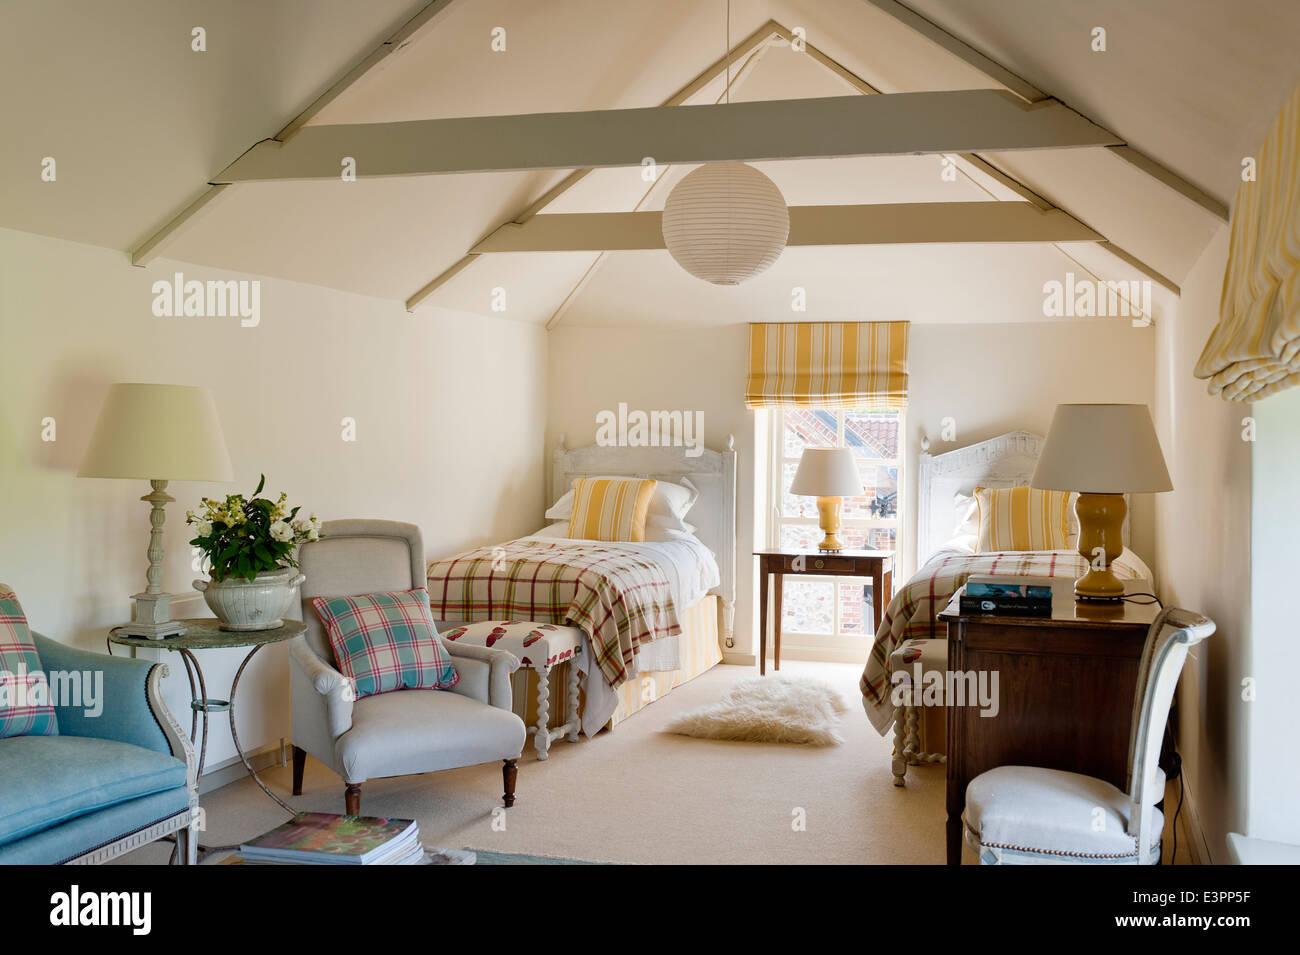 Buhardilla habitación doble con techos de madera, persianas coincidente con franjas amarillas y cojines y sillones Imagen De Stock